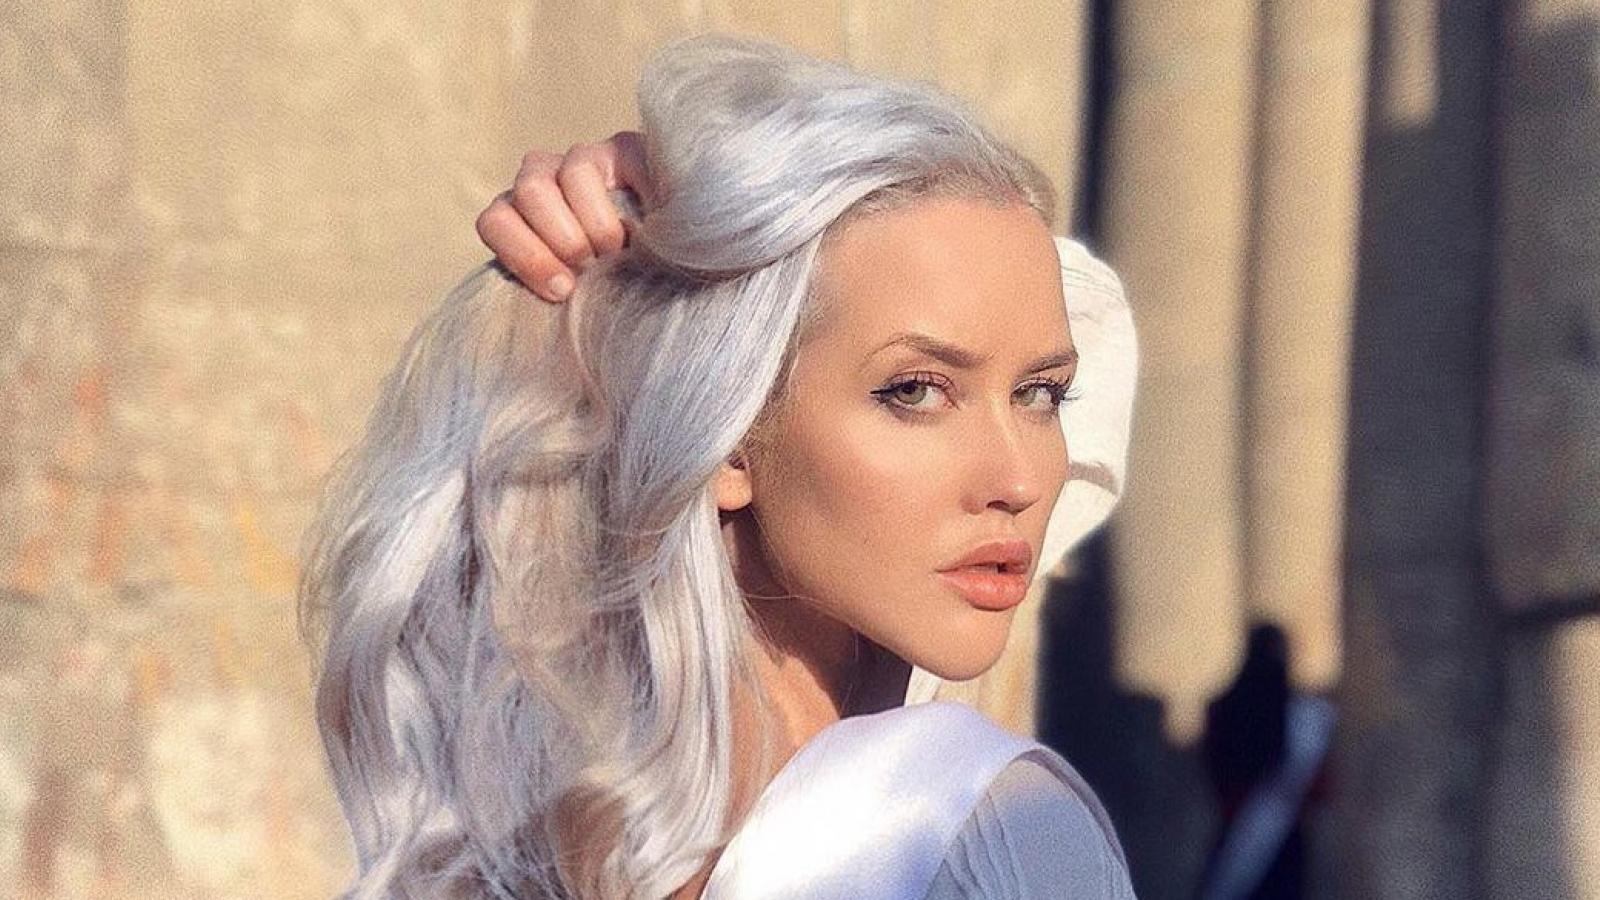 Tân Hoa hậu Thế giới Thụy Điển 2021: Nhan sắc khác biệt và body nóng bỏng, cuốn hút